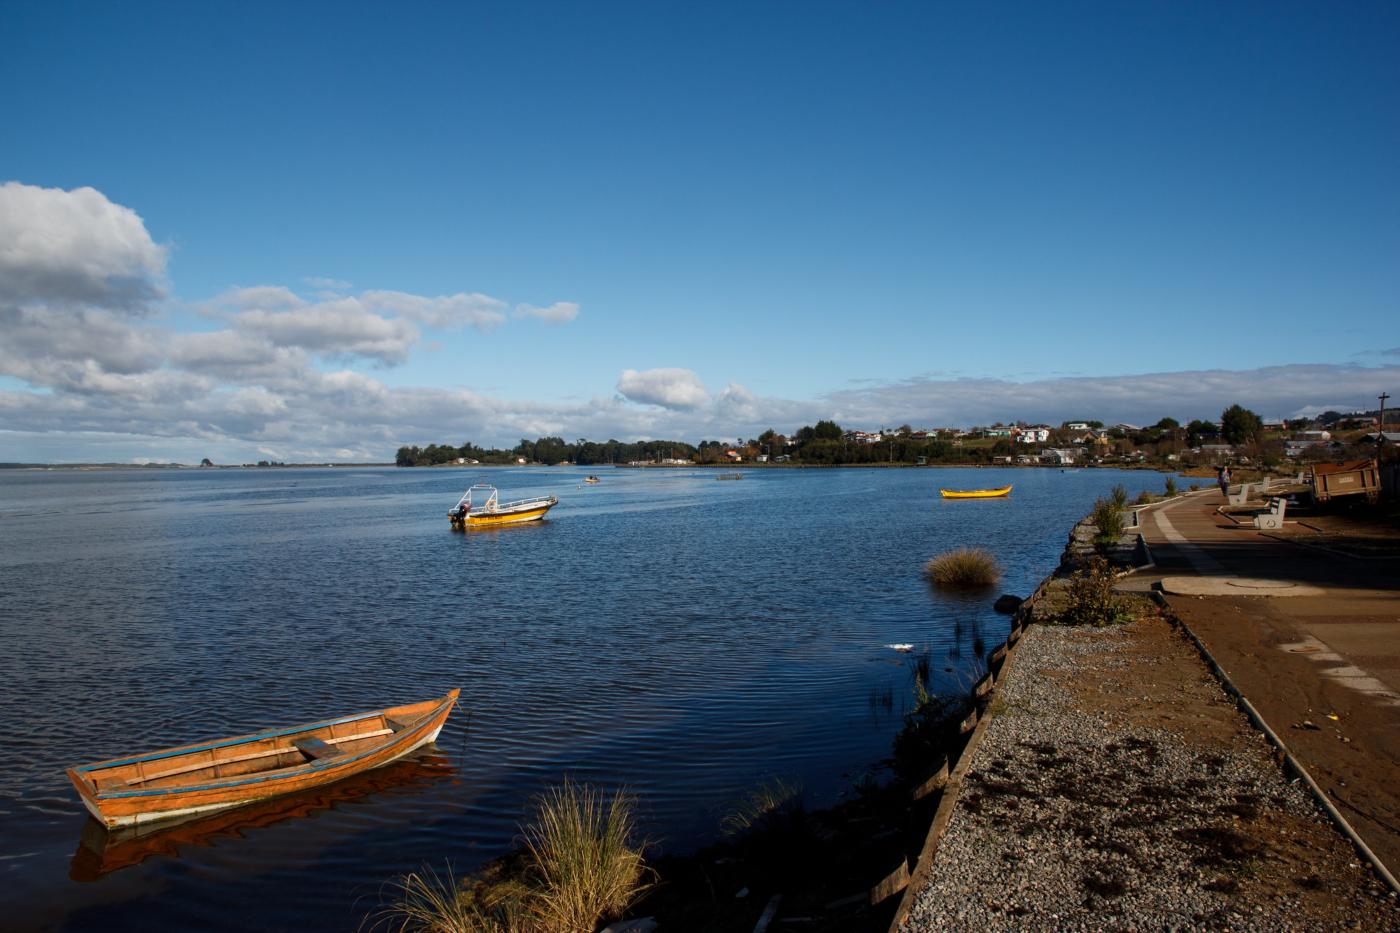 Imagen de una bahia en la Región de los lagos